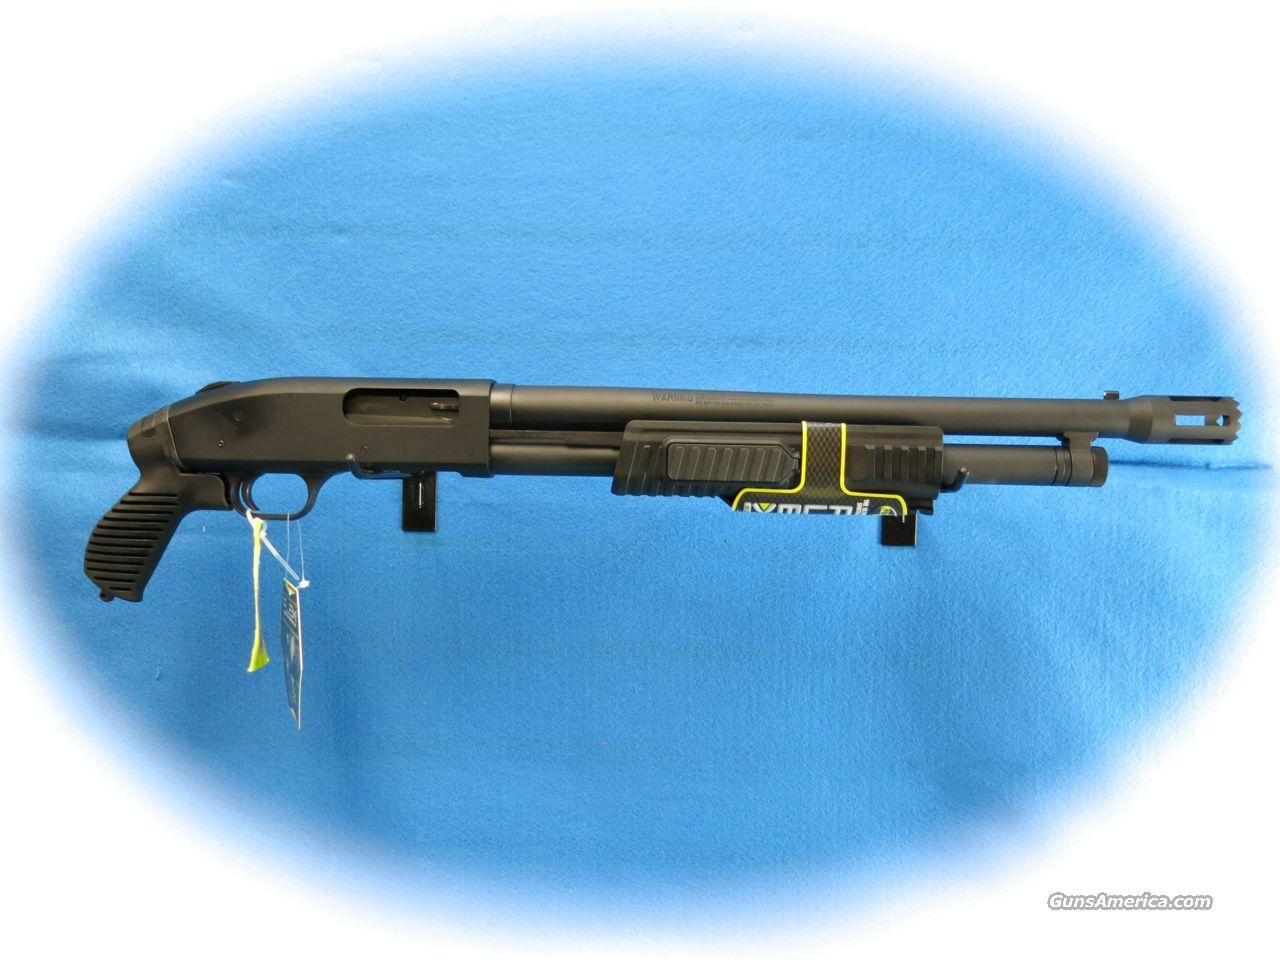 **SALE!!** Mossberg Flex 500 Tactical 12 Ga. Pump Shotgun w/PG **New**  Guns > Shotguns > Mossberg Shotguns > Pump > Tactical